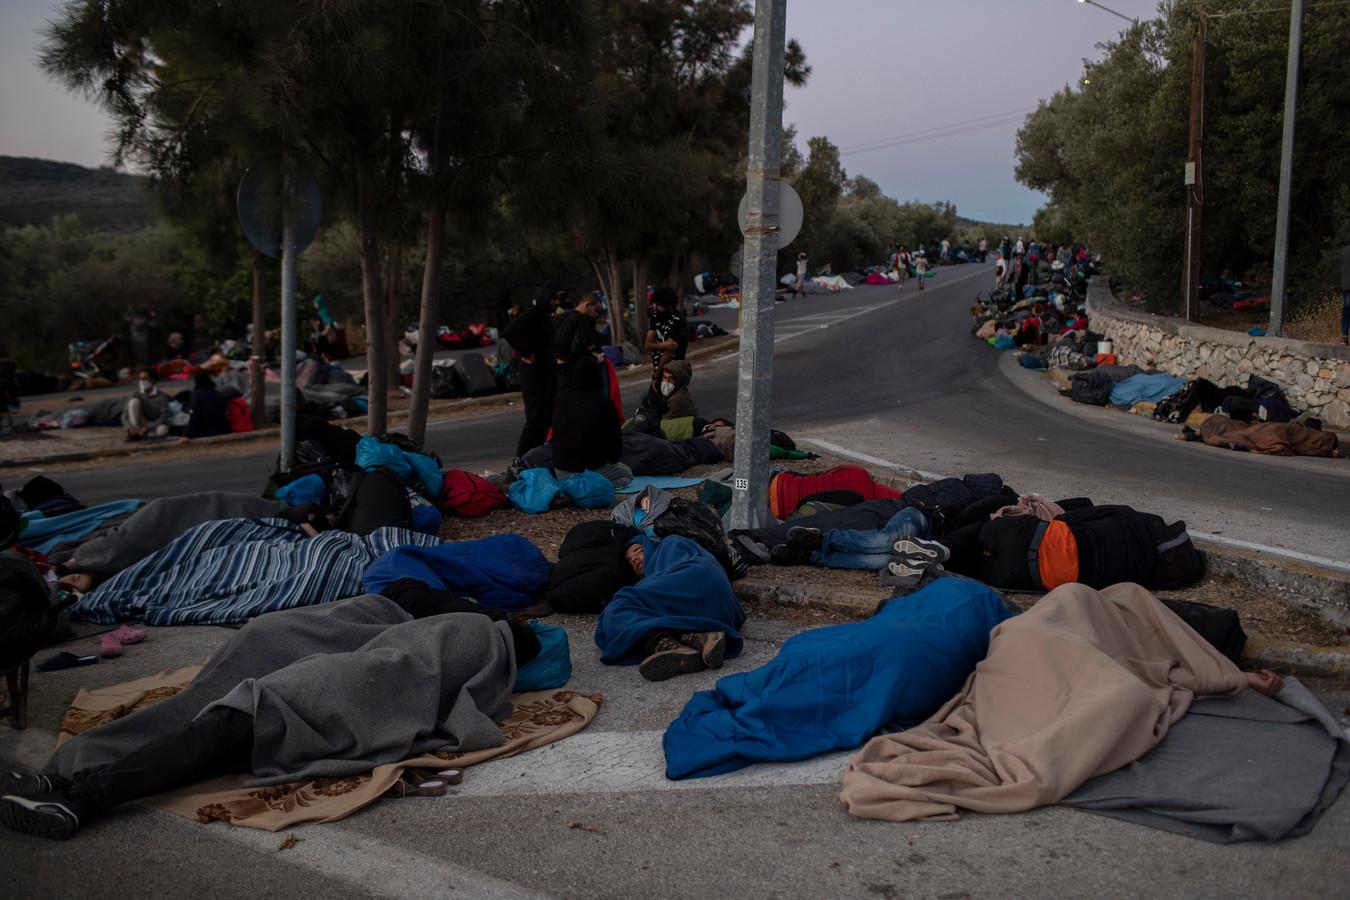 Honderden mensen slapen op straat na de brand.